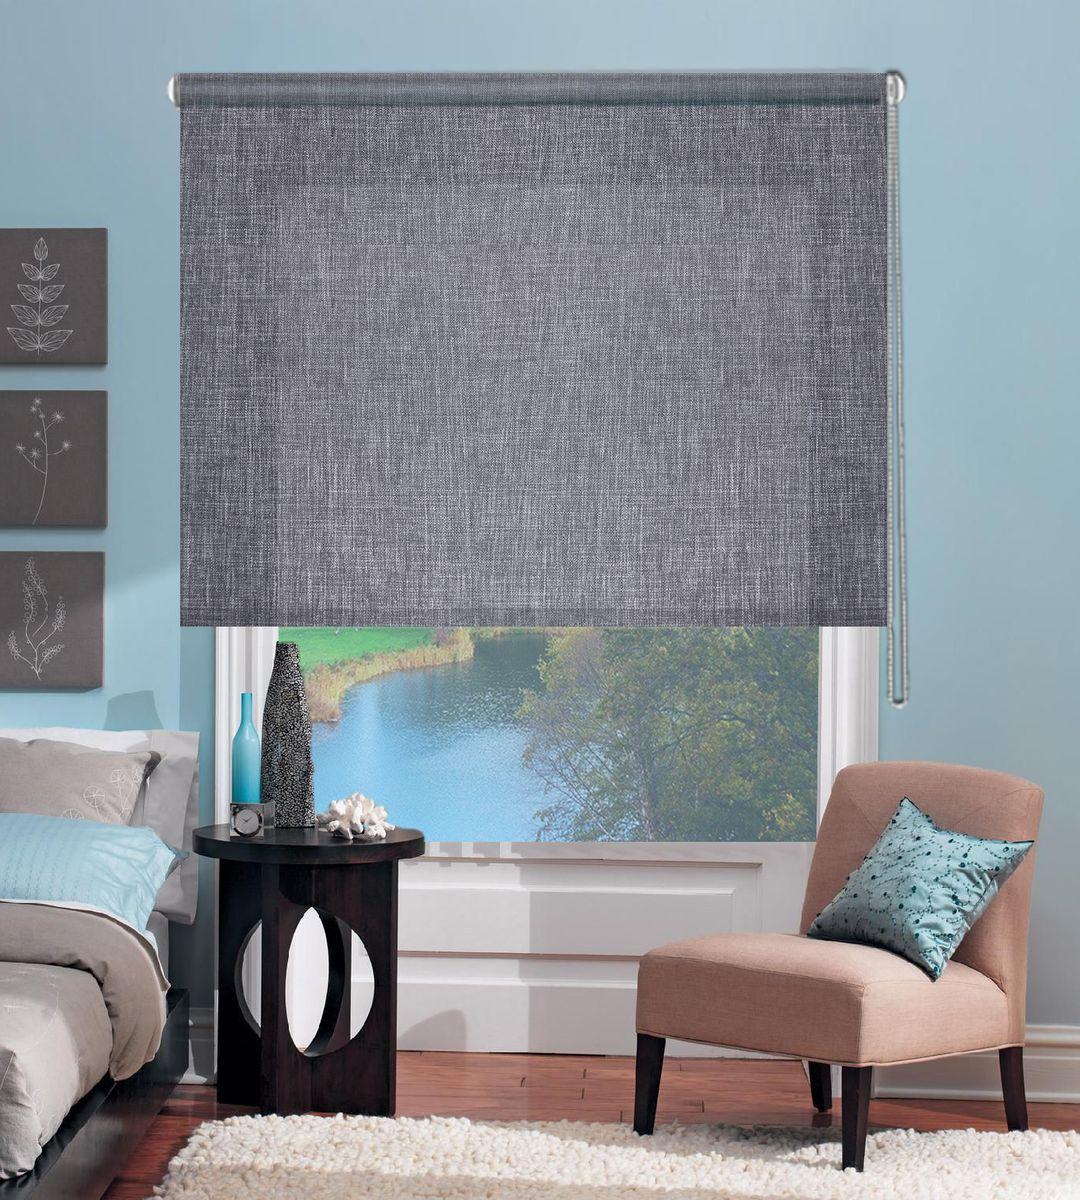 Штора рулонная Эскар Меланж, цвет: серый, ширина 60 см, высота 160 см804948060160Рулонными шторами Эскар Меланж можно оформлять окна как самостоятельно, так и использовать в комбинации с портьерами. Это поможет предотвратить выгорание дорогой ткани на солнце и соединит функционал рулонных с красотой навесных. Преимущества применения рулонных штор для пластиковых окон: - имеют прекрасный внешний вид: многообразие и фактурность материала изделия отлично смотрятся в любом интерьере;- многофункциональны: есть возможность подобрать шторы способные эффективно защитить комнату от солнца, при этом она не будет слишком темной;- есть возможность осуществить быстрый монтаж.ВНИМАНИЕ! Размеры ширины изделия указаны по ширине ткани! Во время эксплуатации не рекомендуется полностью разматывать рулон, чтобы не оторвать ткань от намоточного вала. В случае загрязнения поверхности ткани, чистку шторы проводят одним из способов, в зависимости от типа загрязнения:легкое поверхностное загрязнение можно удалить при помощи канцелярского ластика;чистка от пыли производится сухим методом при помощи пылесоса с мягкой щеткой-насадкой;для удаления пятна используйте мягкую губку с пенообразующим неагрессивным моющим средством или пятновыводитель на натуральной основе (нельзя применять растворители).